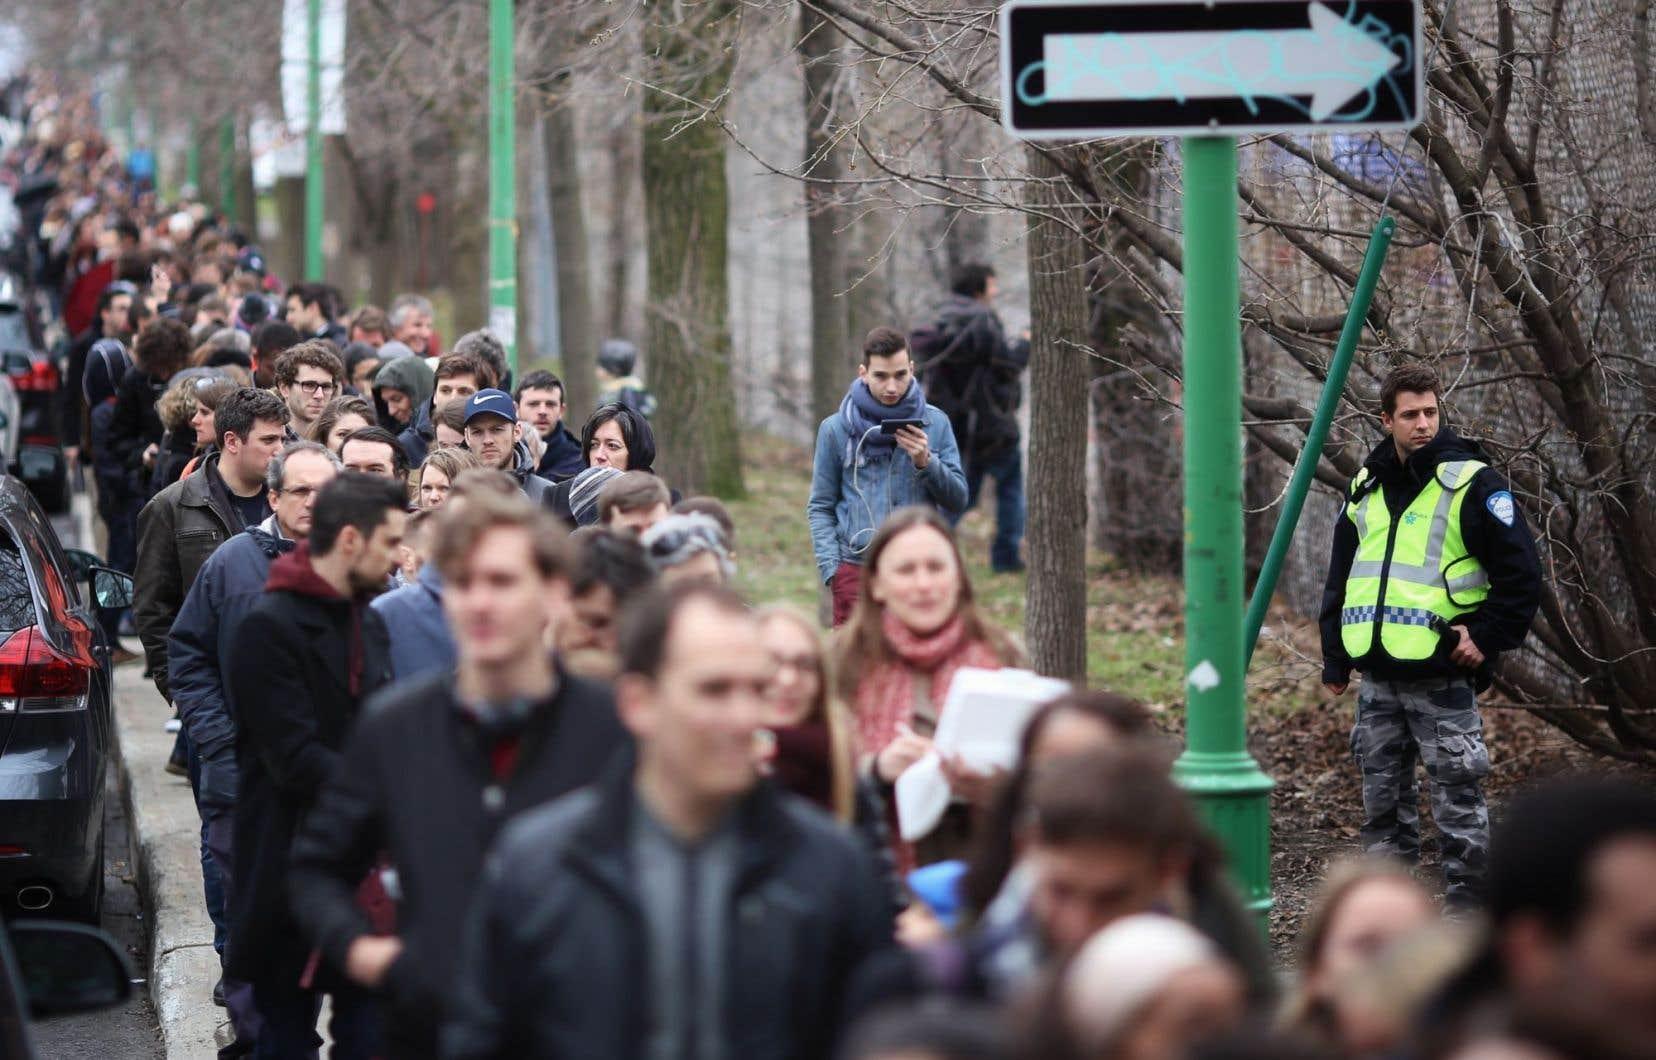 Dès l'ouverture des bureaux de vote, ils étaient plusieurs centaines à attendre patiemment leur tour dans le froid et la grisaille.